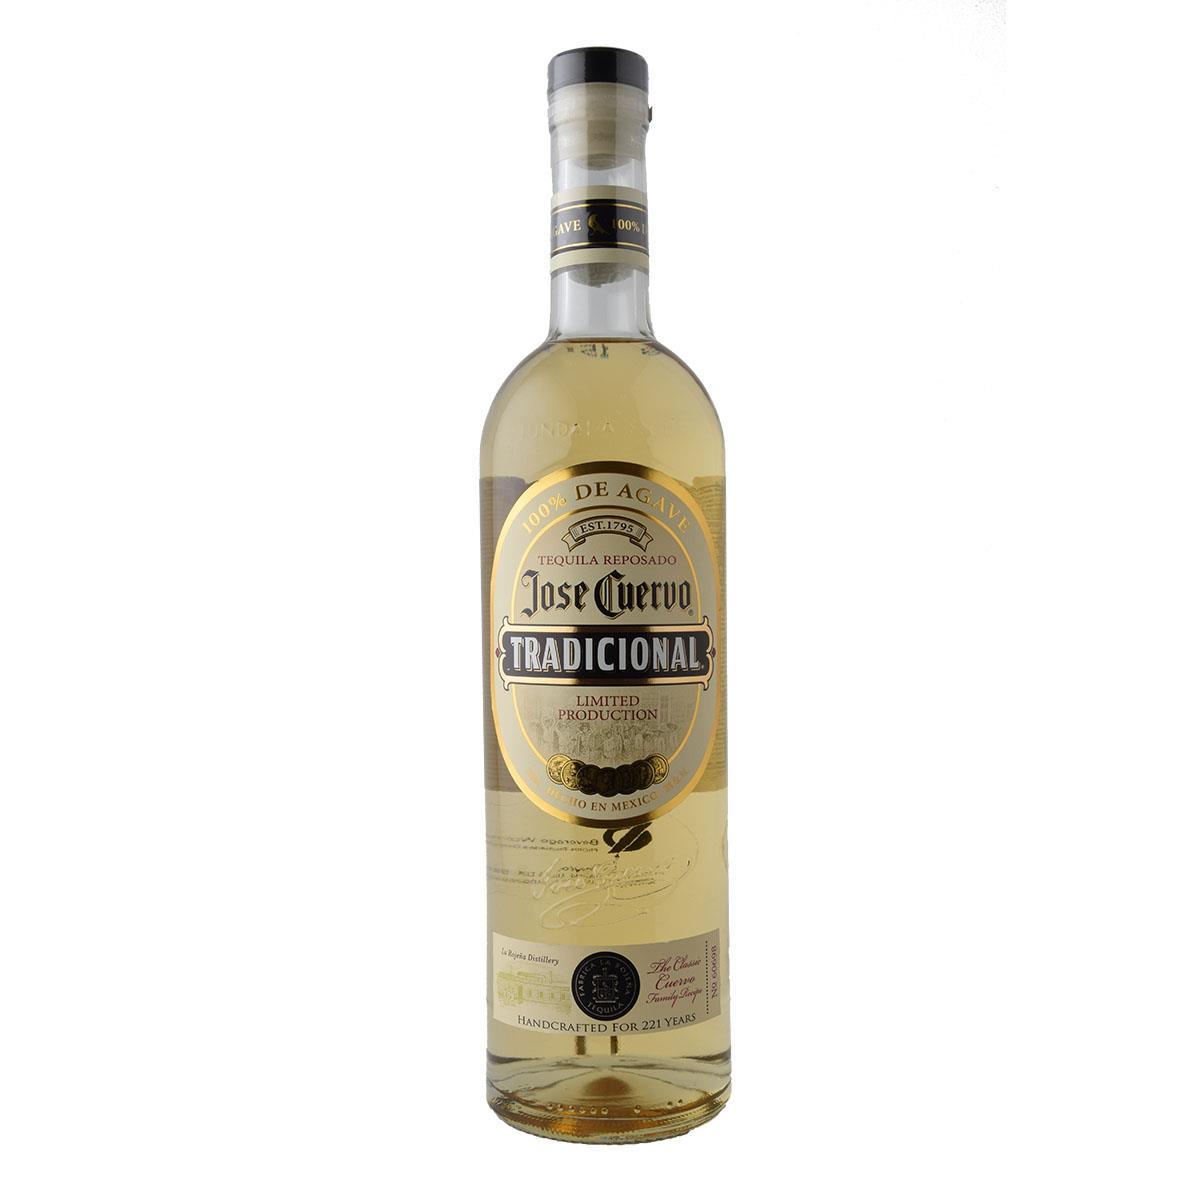 Jose Cuervo Tradicional Reposado Tequila 700ml